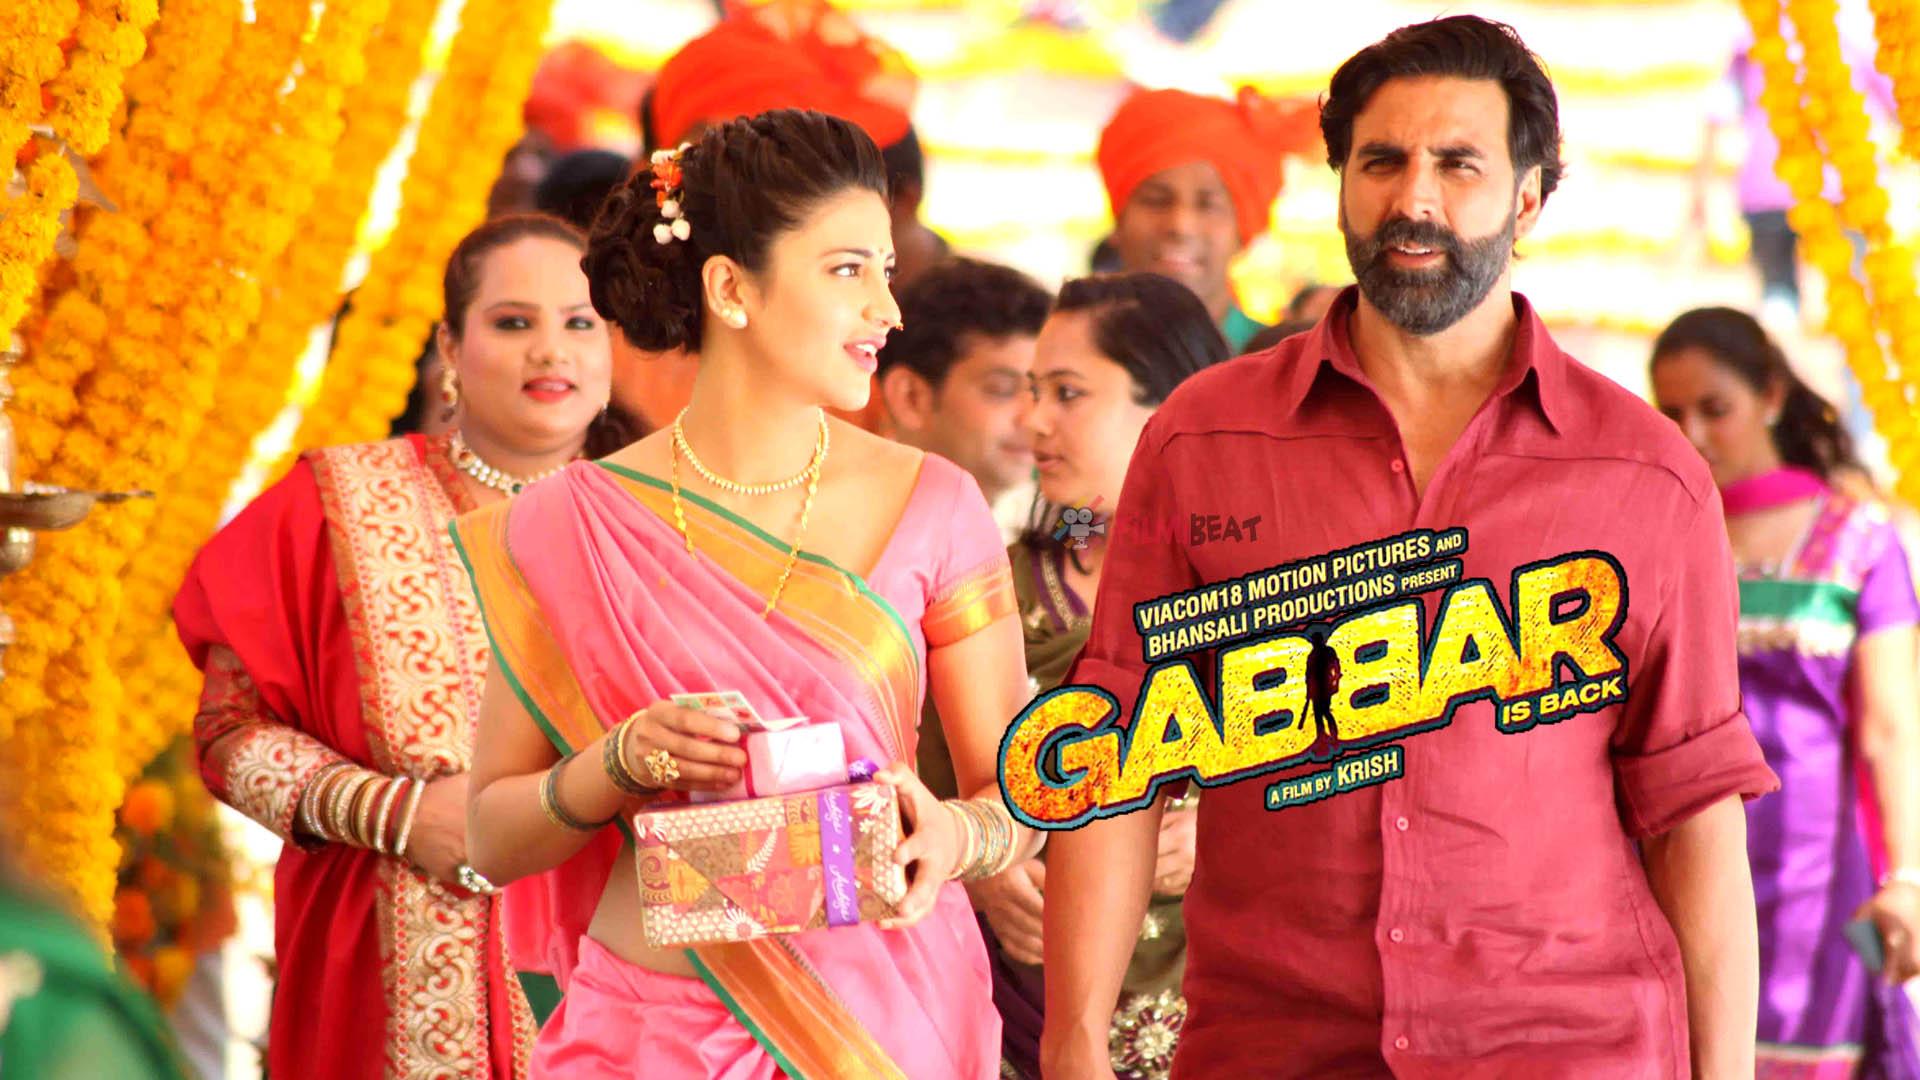 Gabbar is Back Wallpaper